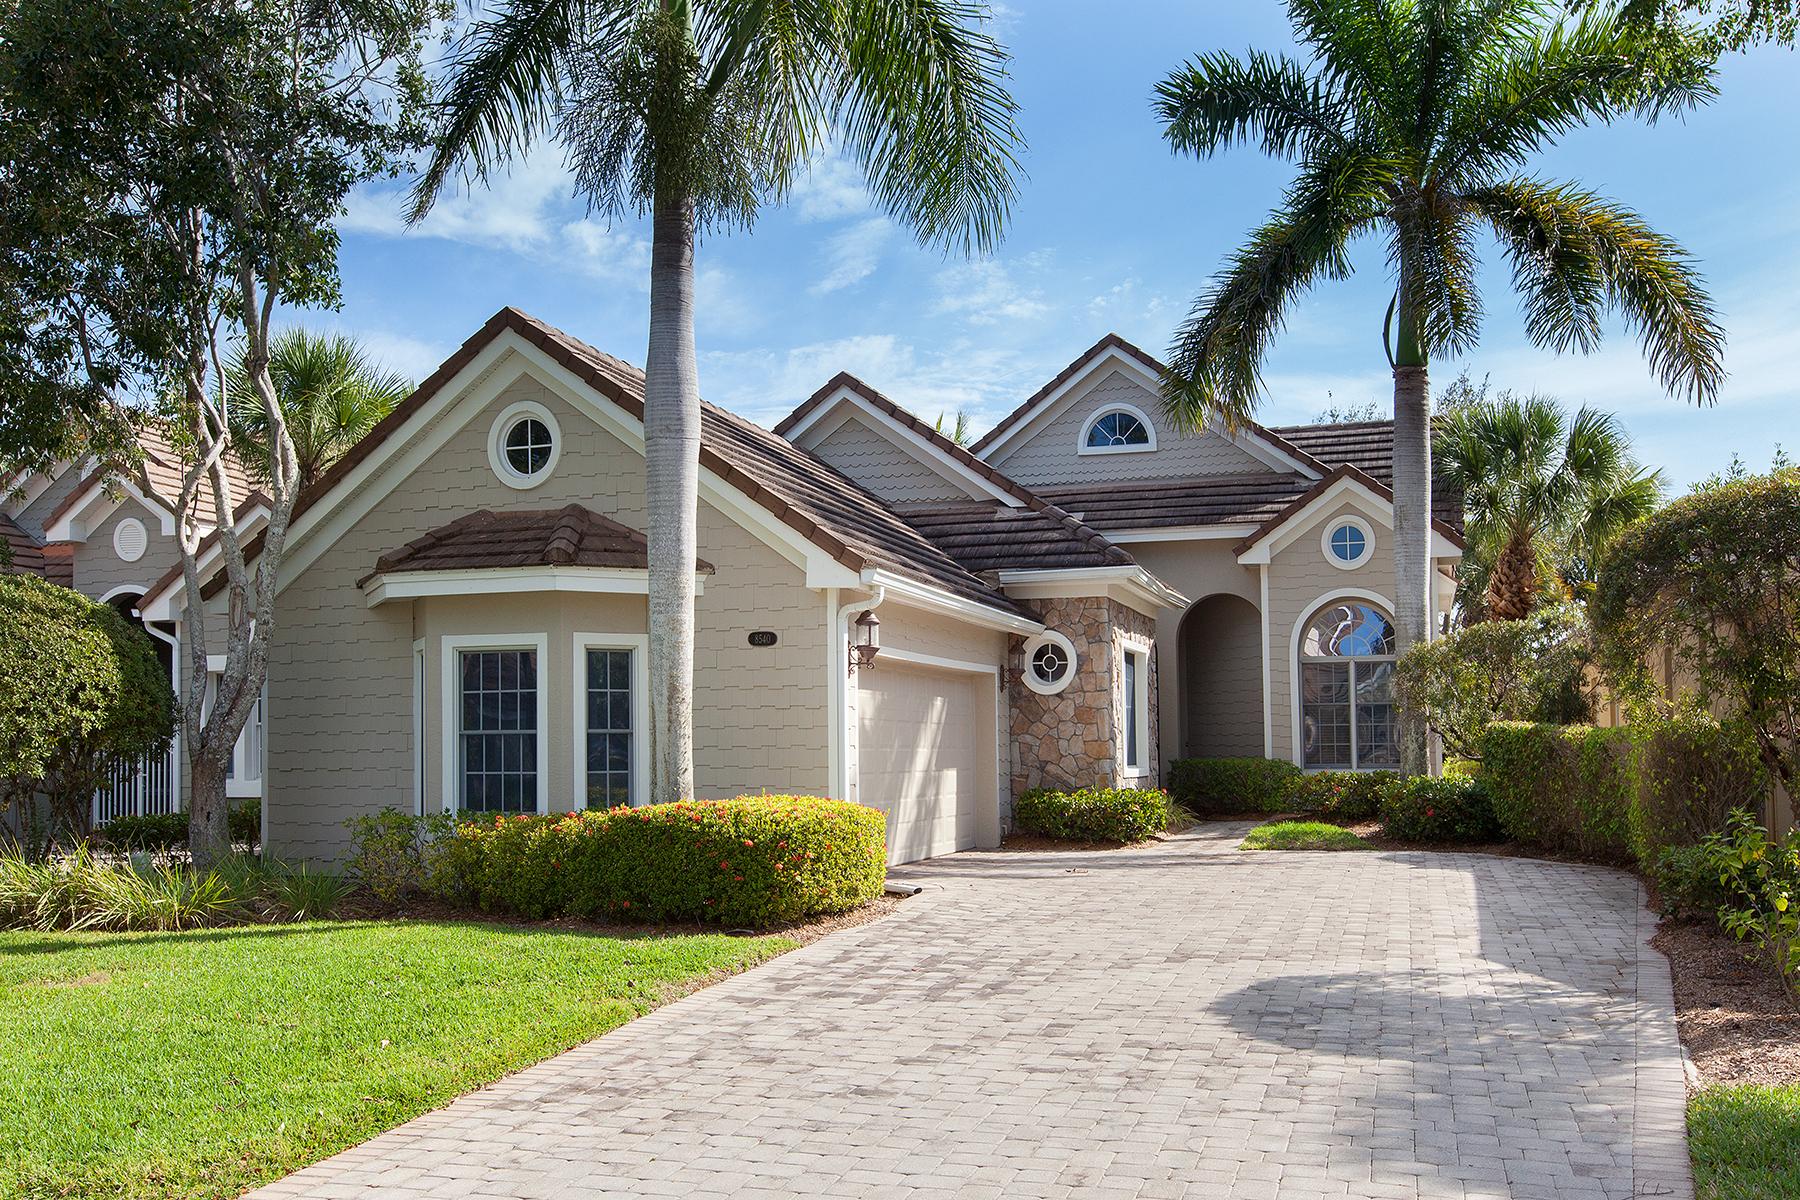 一戸建て のために 売買 アット FIDDLERS CREEK 8540 Mallards Way, Naples, フロリダ, 34114 アメリカ合衆国